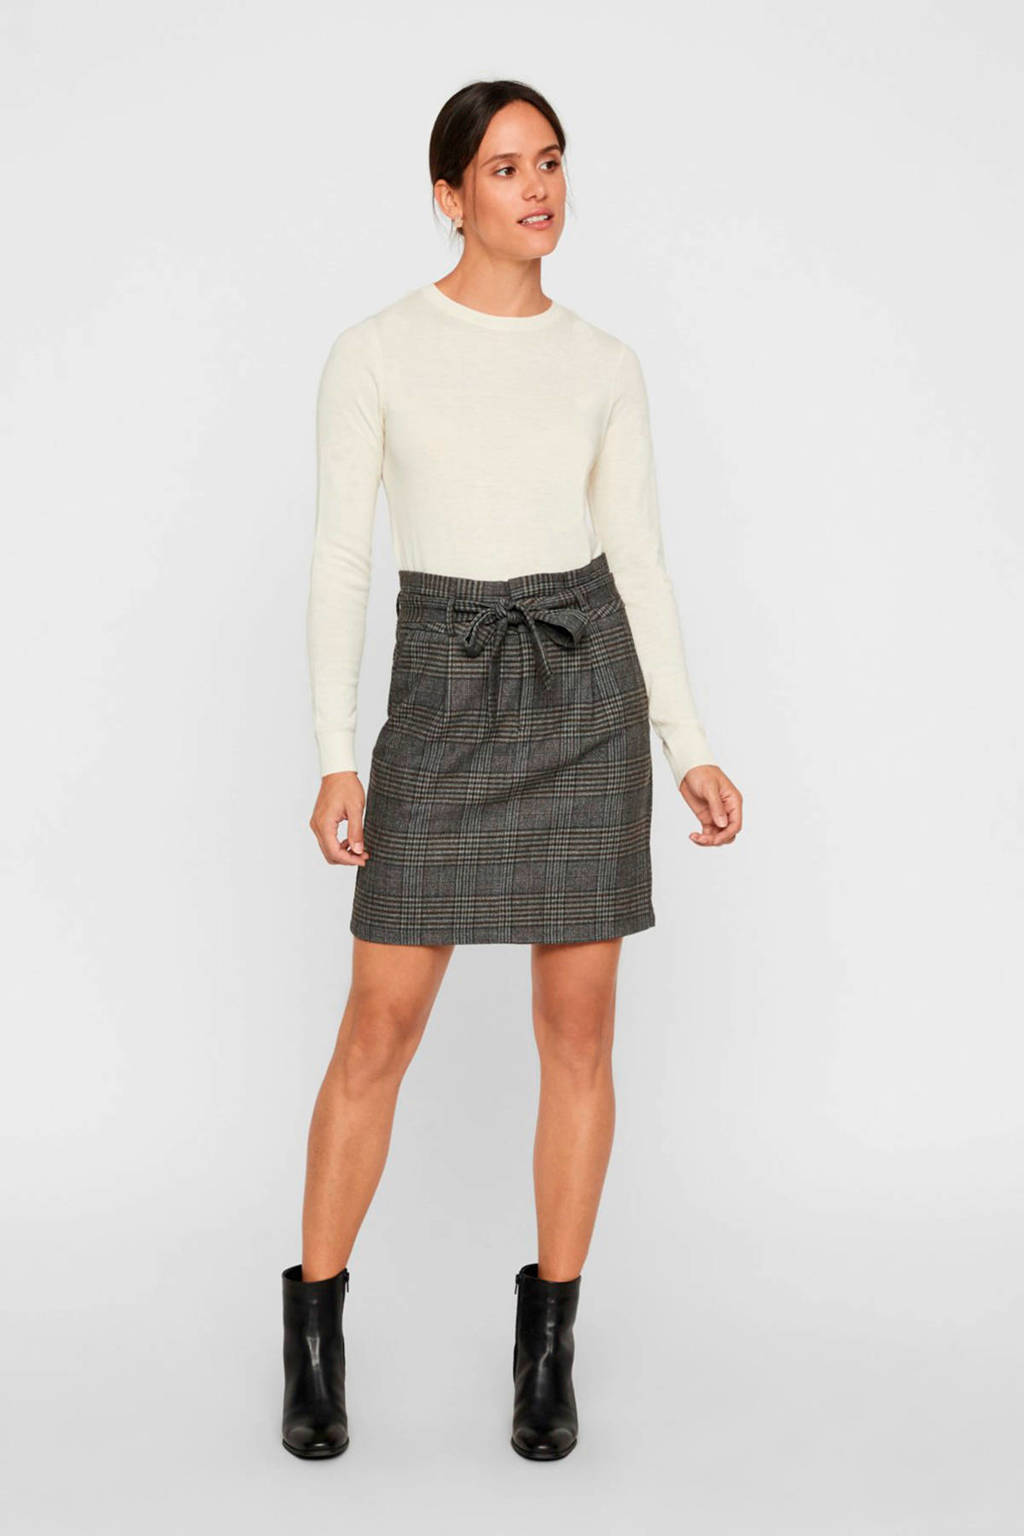 VERO MODA geruite rok grijs/zwart, Grijs/zwart